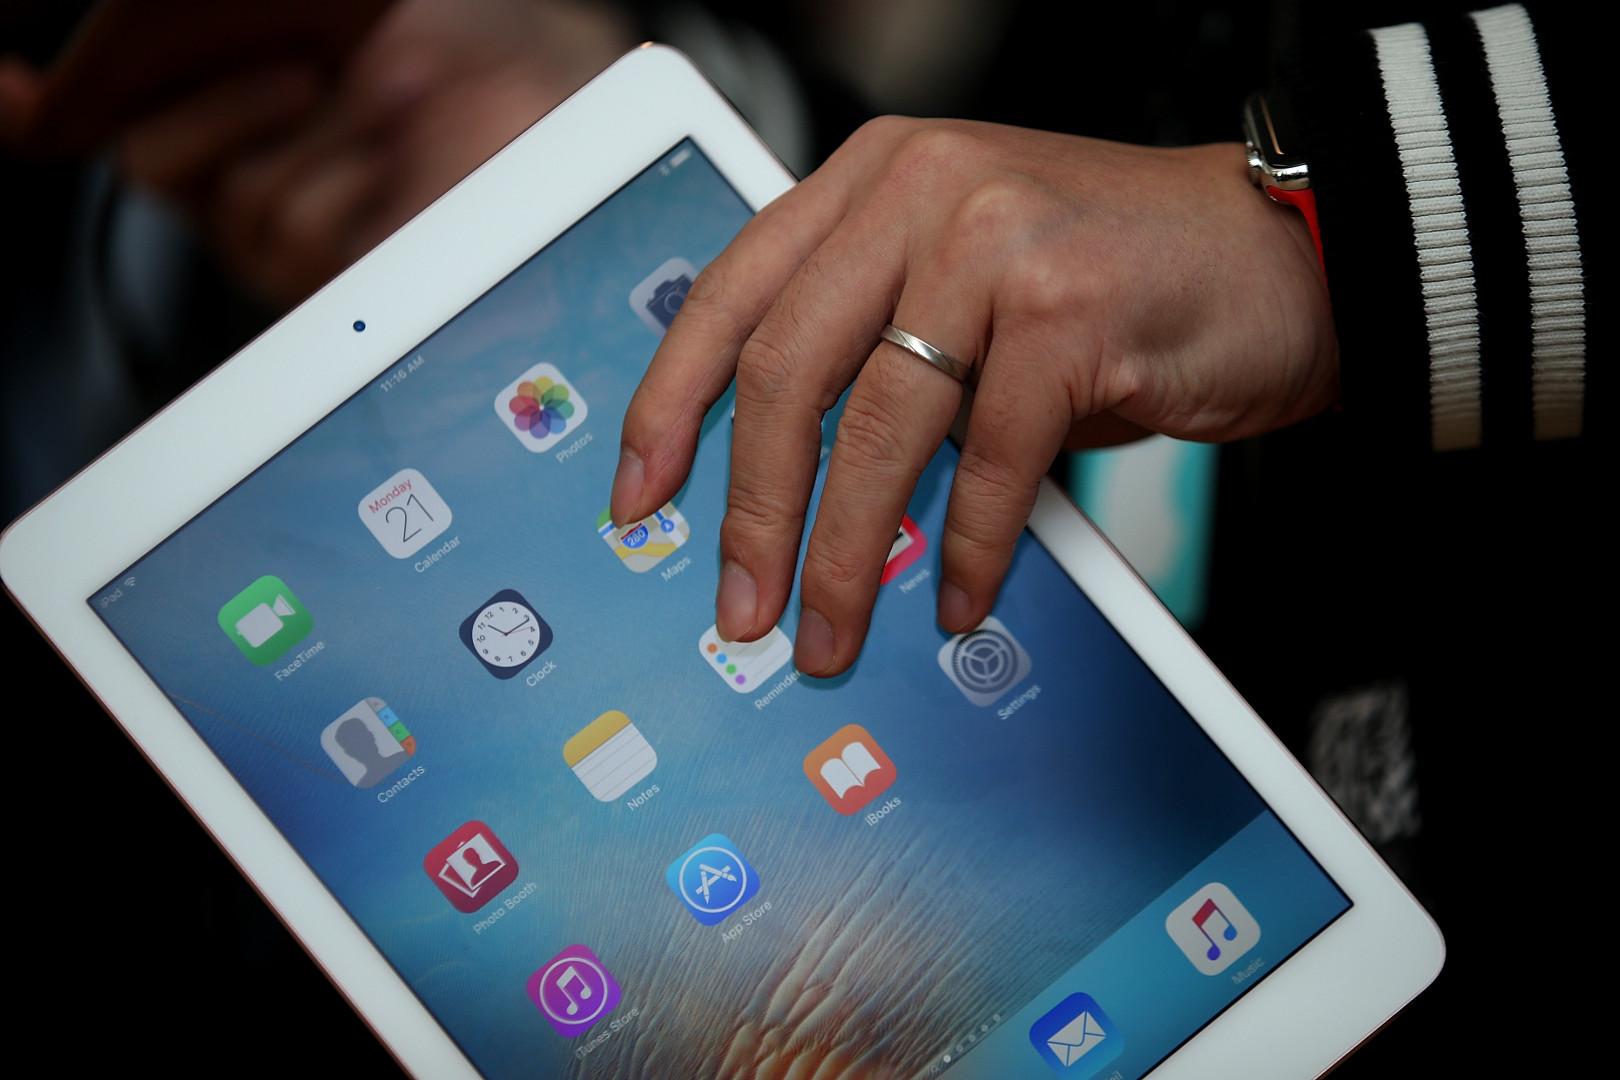 L'iPad Pro 7,9 pouces est commercialisé depuis le 31 mars